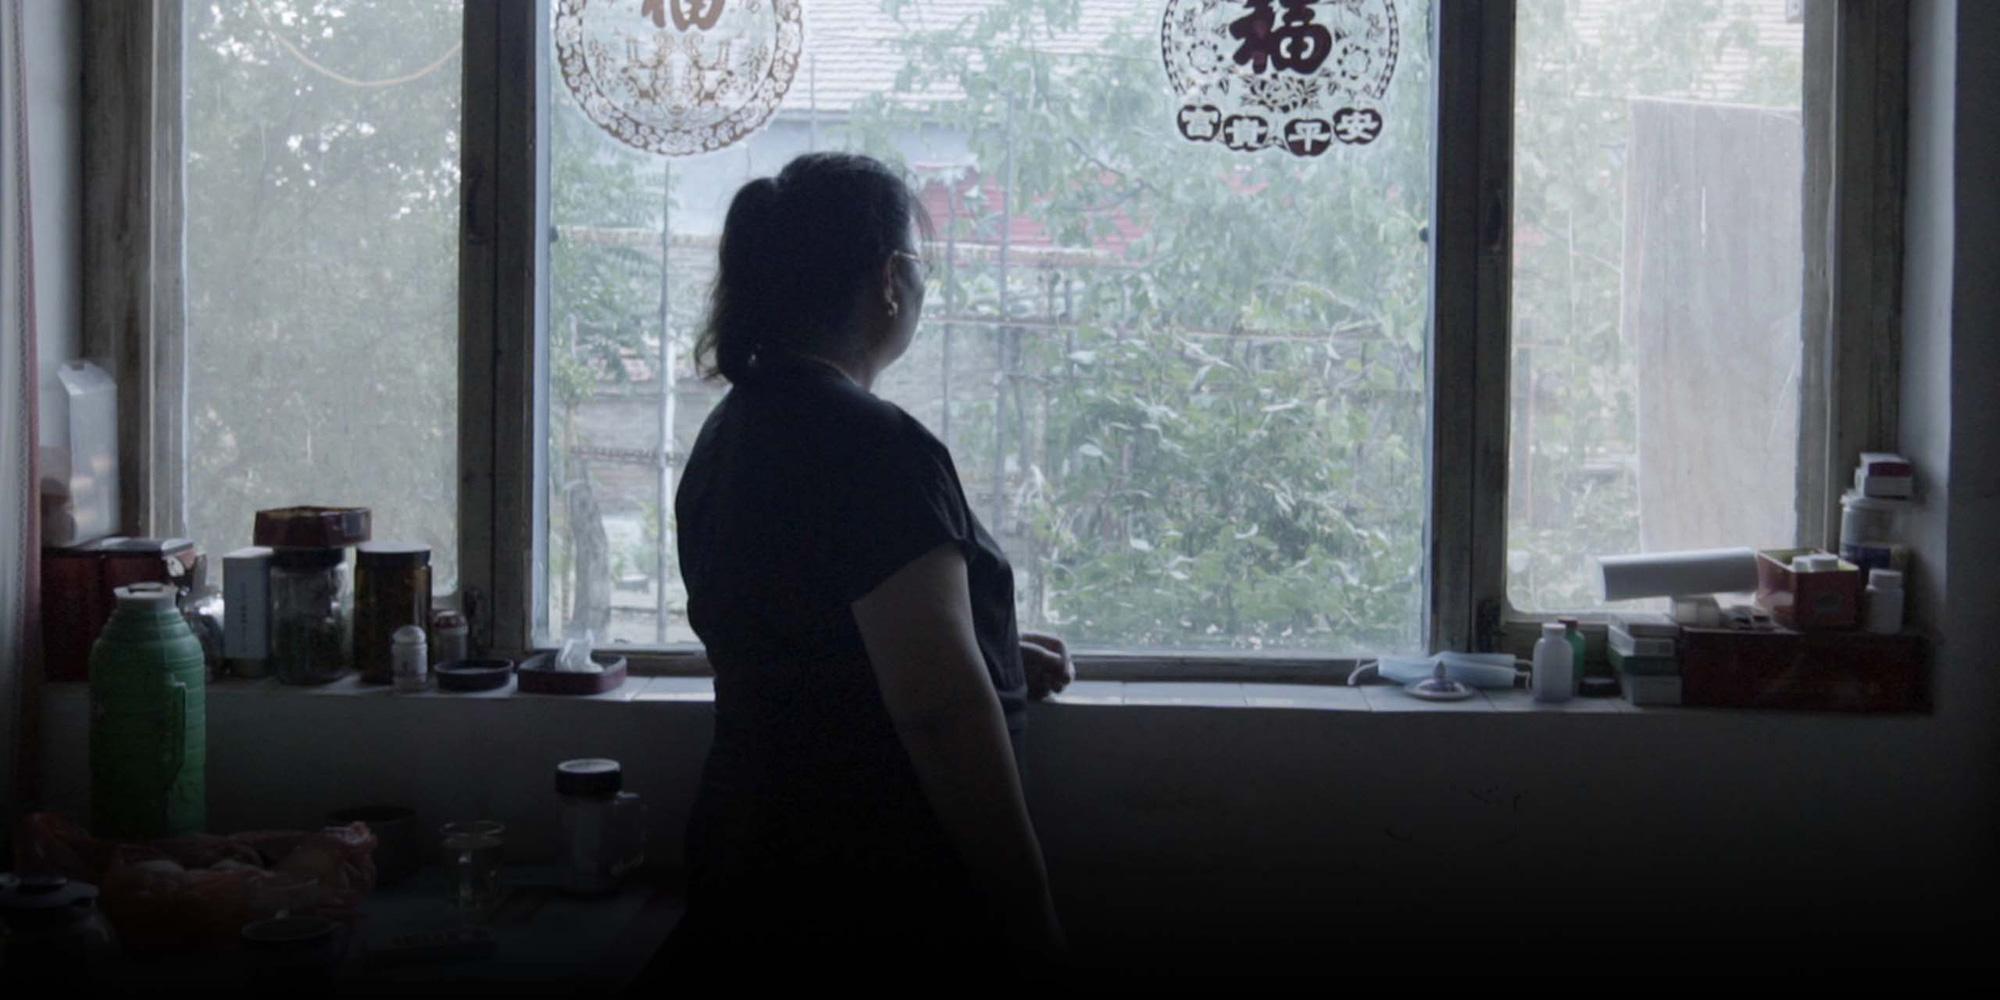 """""""Lão Phiêu"""" là gì và câu chuyện buồn của 18 triệu người già Trung Quốc trôi dạt thập phương vì gia đình hoặc miếng cơm manh áo - Ảnh 4."""